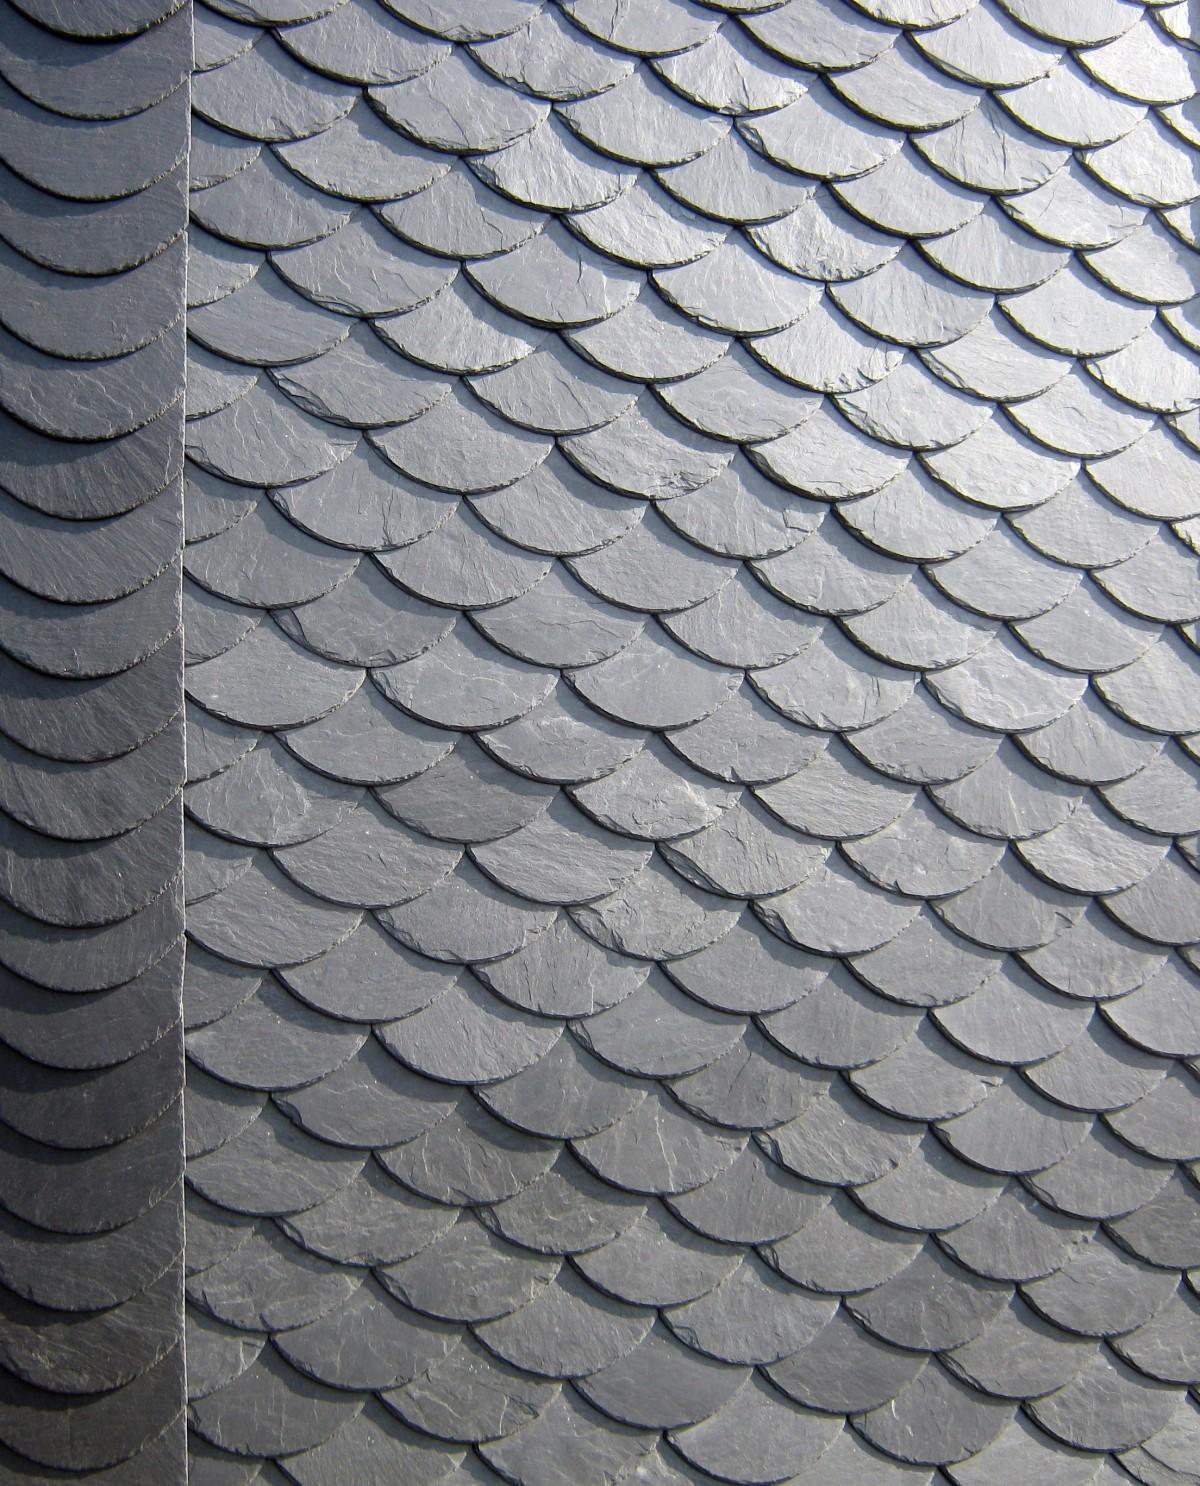 Comment Poser Des Ardoises comment renouveler une toiture en tuile ou en ardoise?